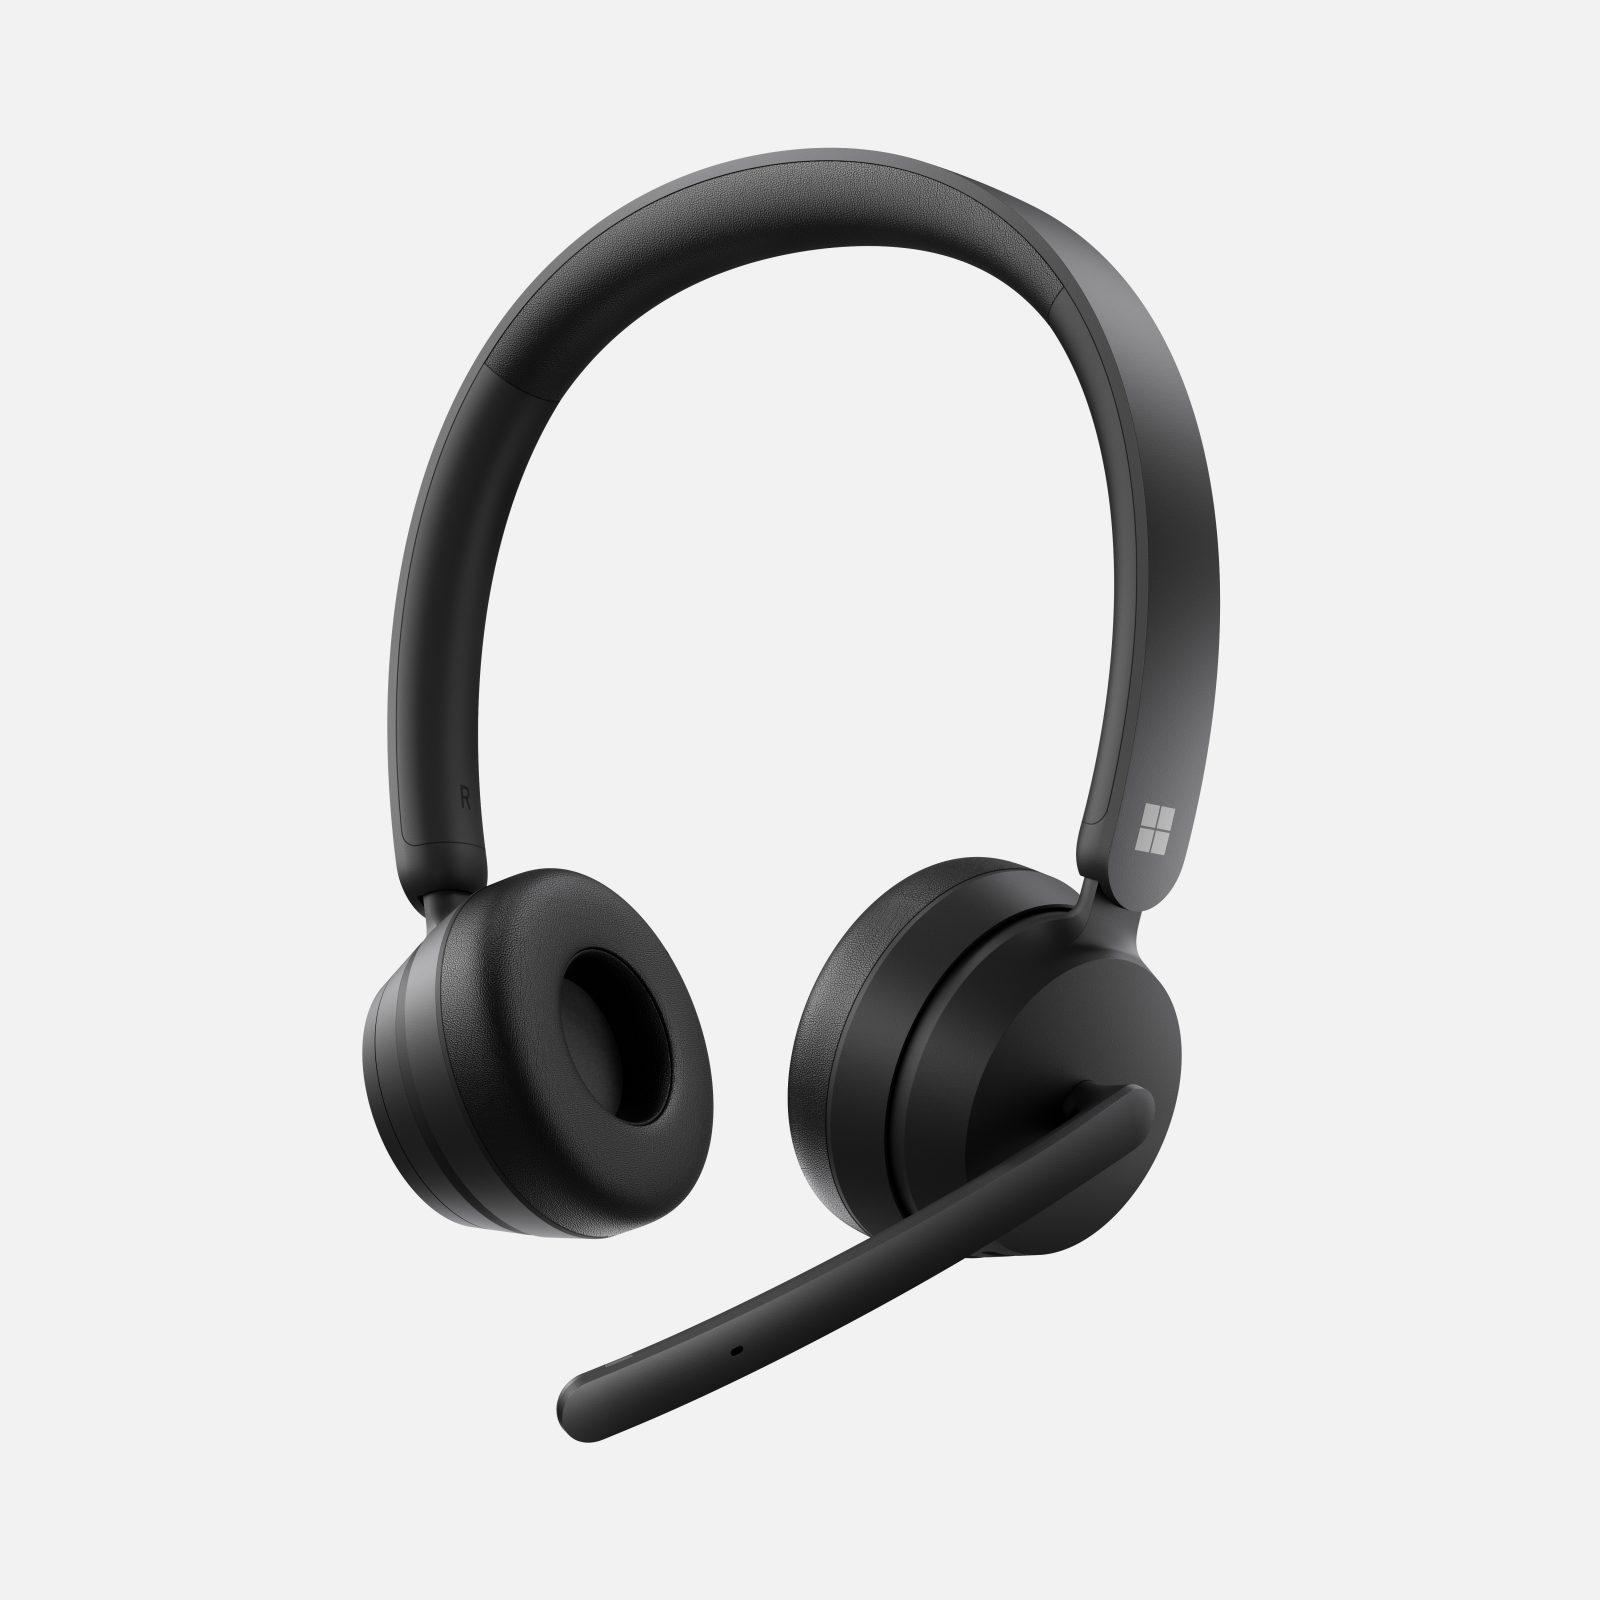 El nuevo auricular Bluetooth